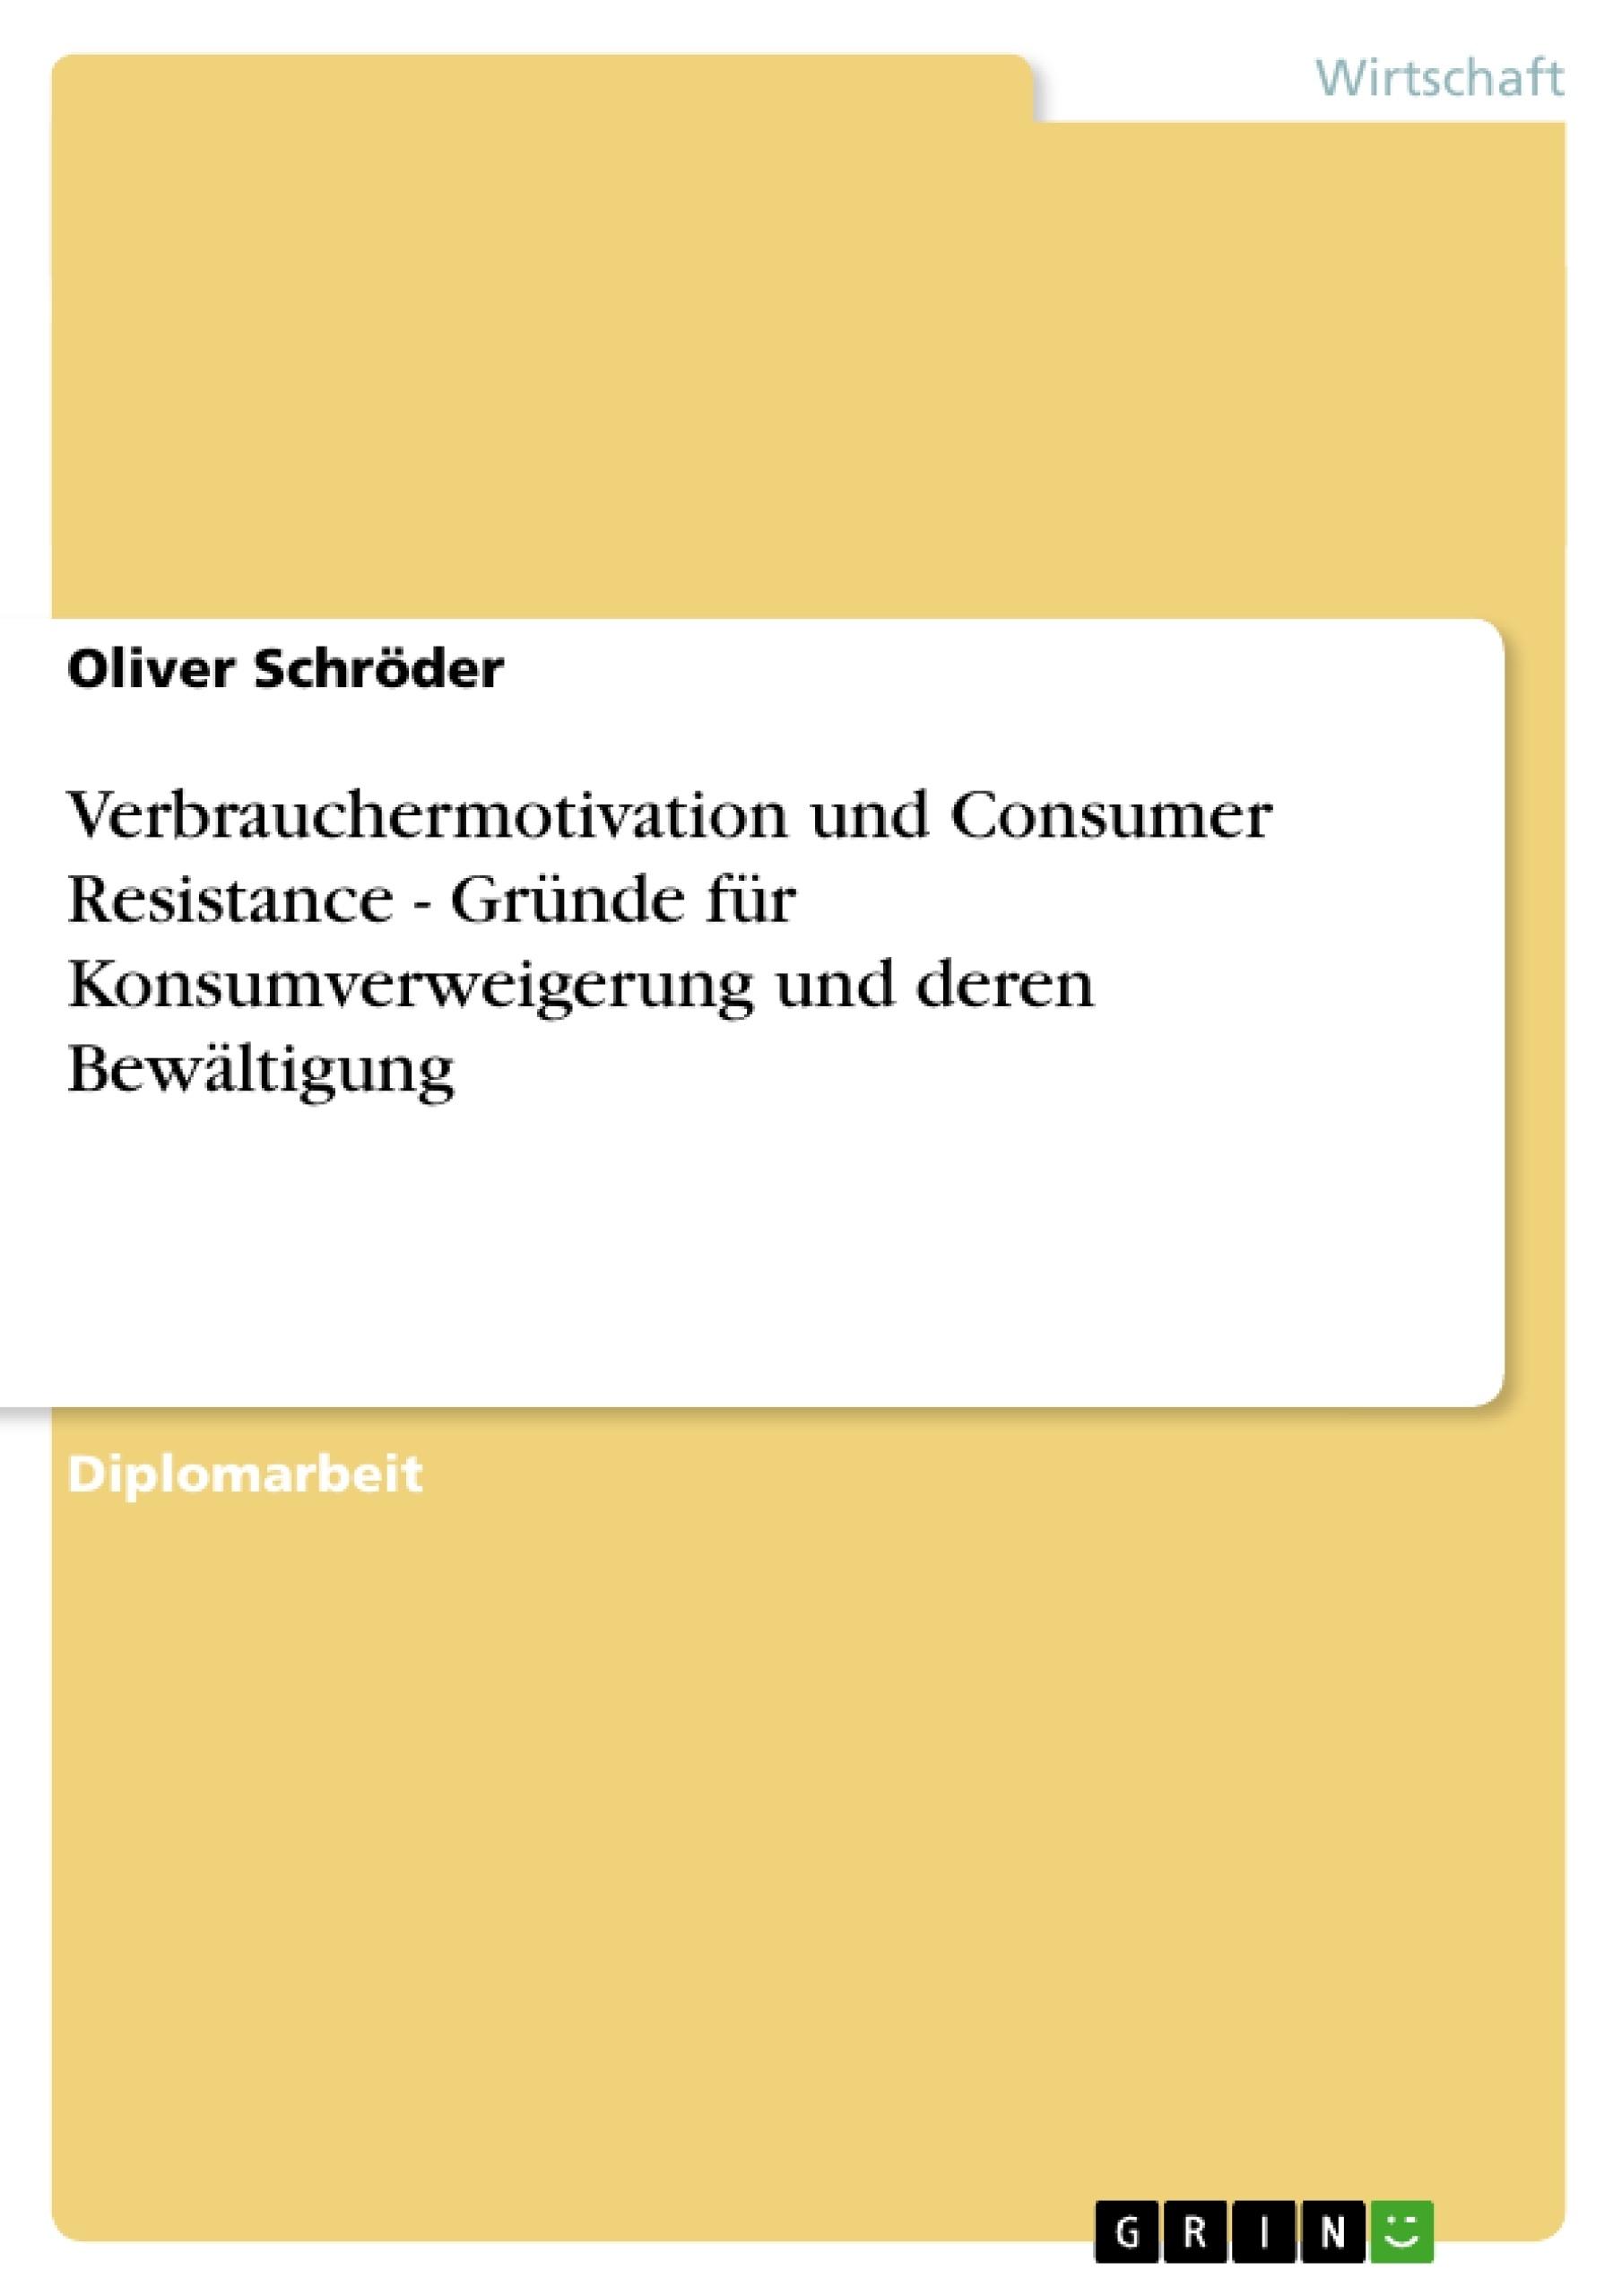 Titel: Verbrauchermotivation und Consumer Resistance - Gründe für Konsumverweigerung und deren Bewältigung